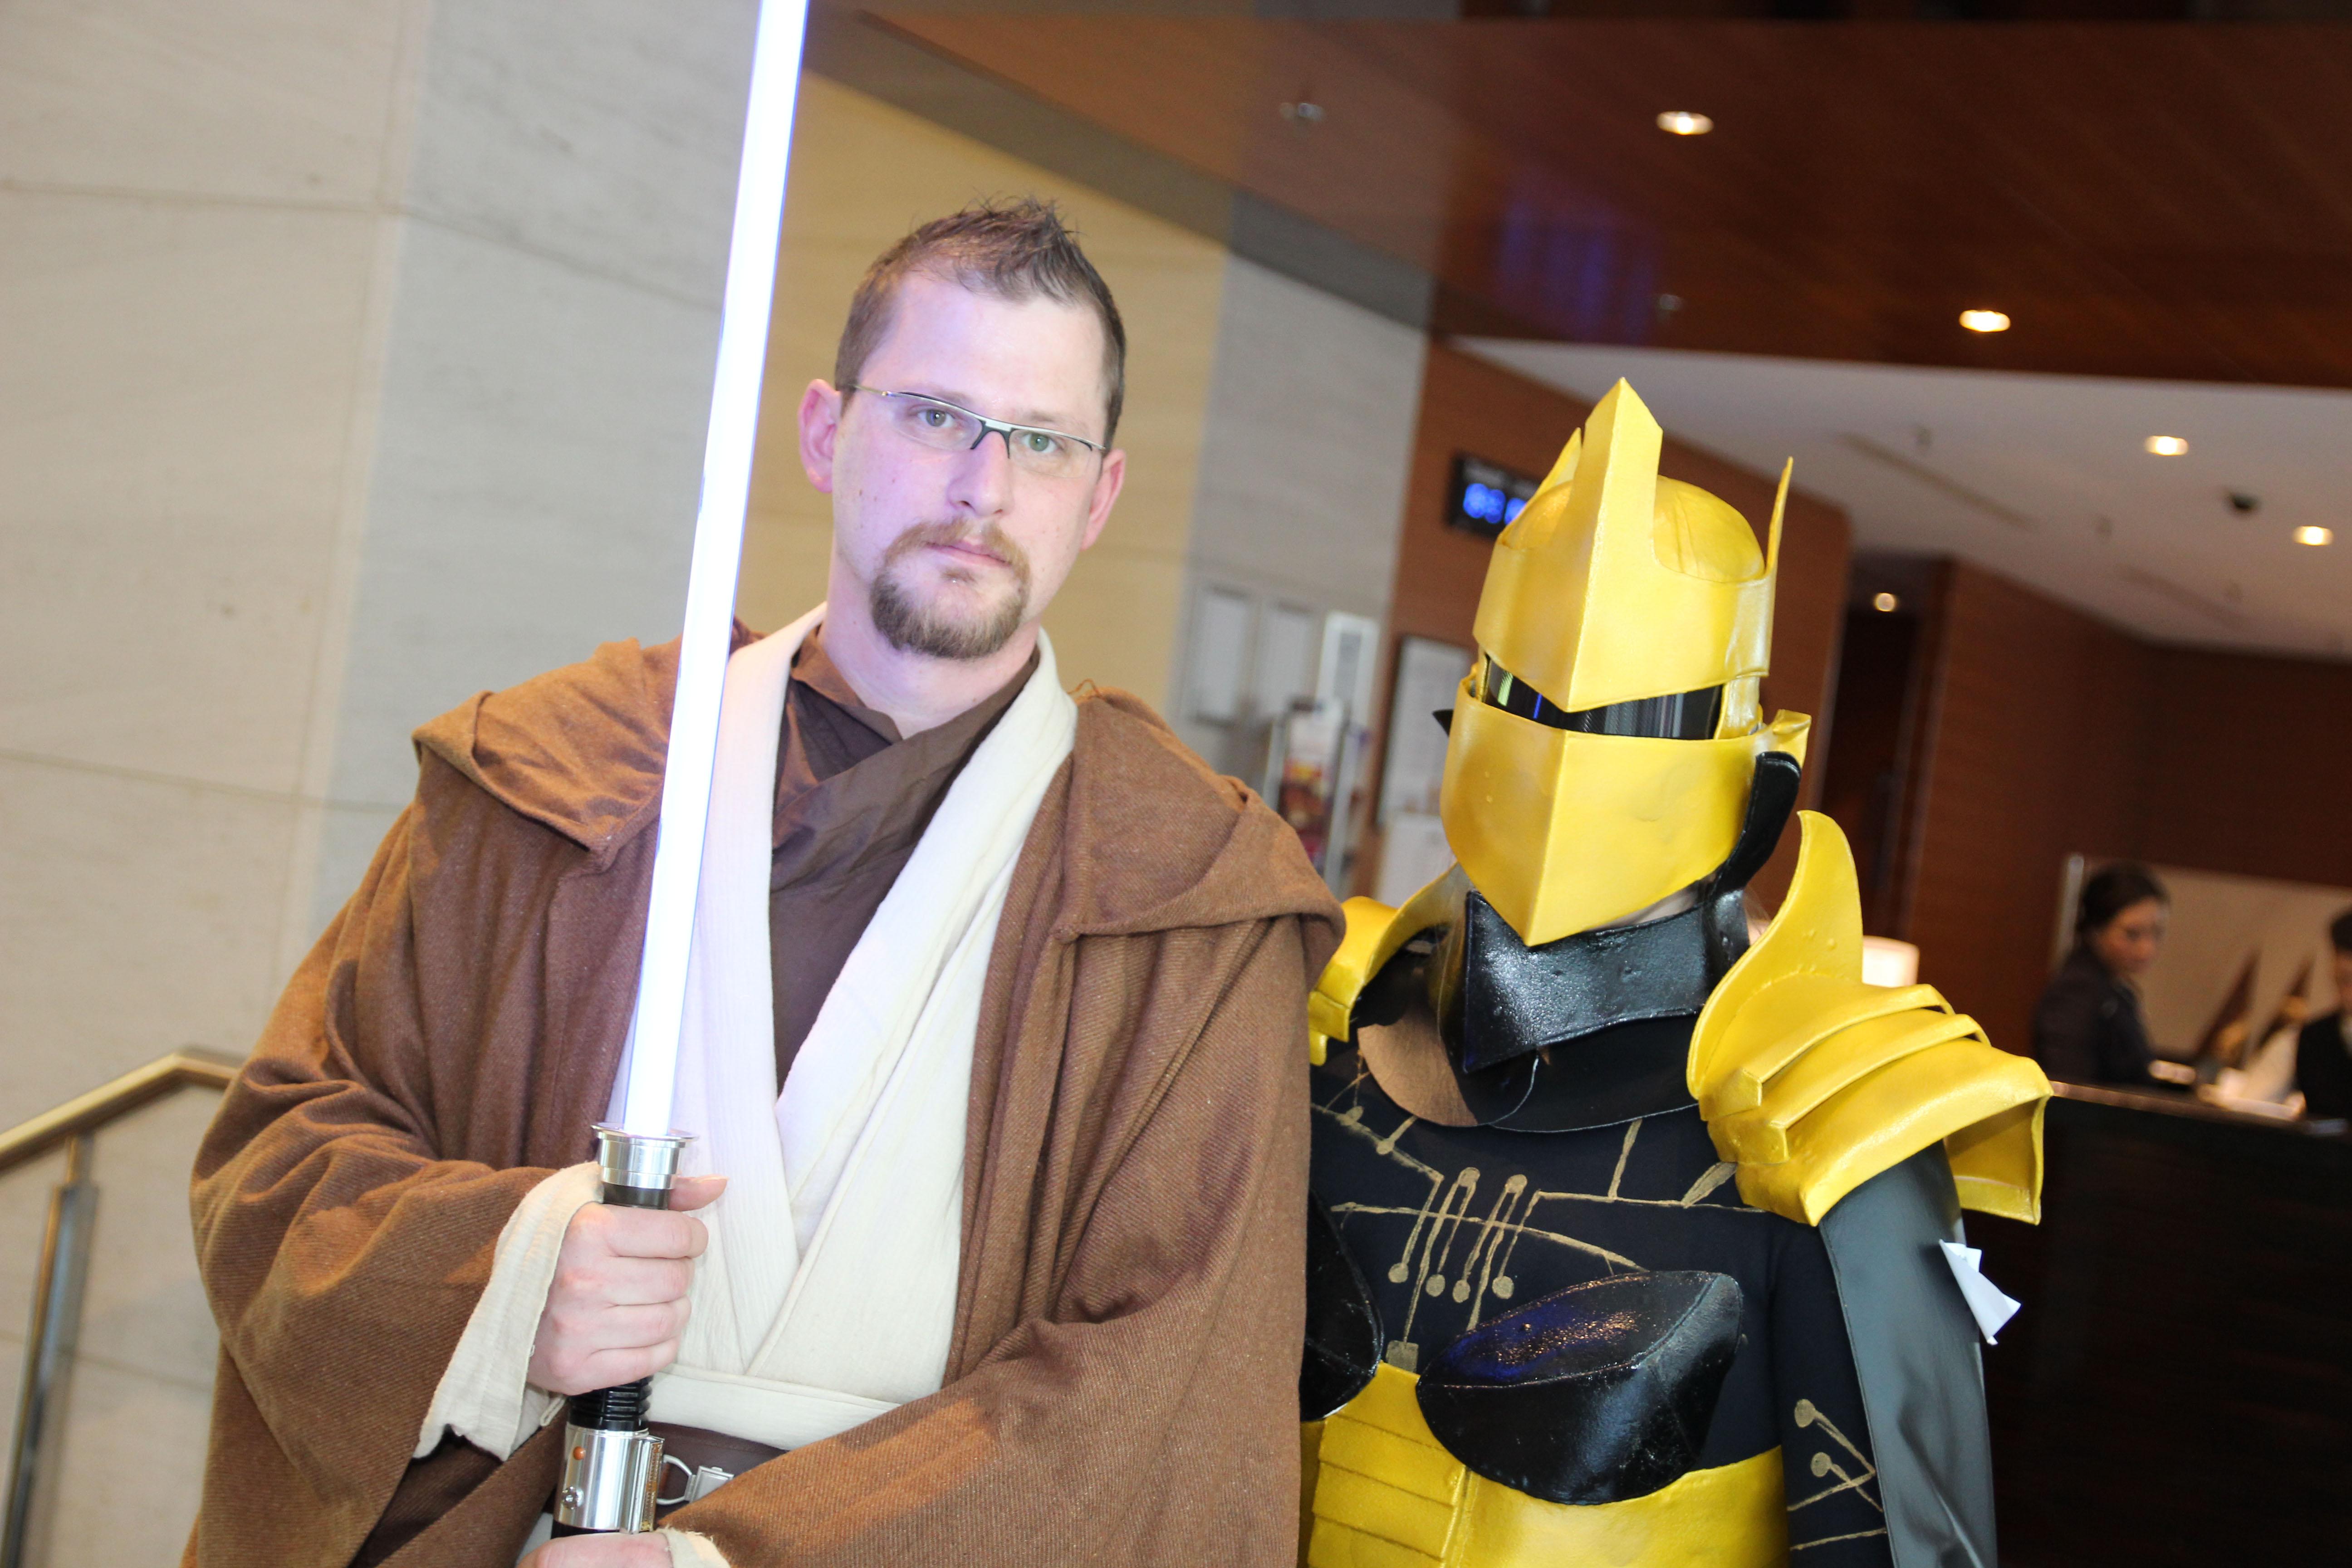 Jeder Jedi kommt auf seine Kosten (Foto: xity)